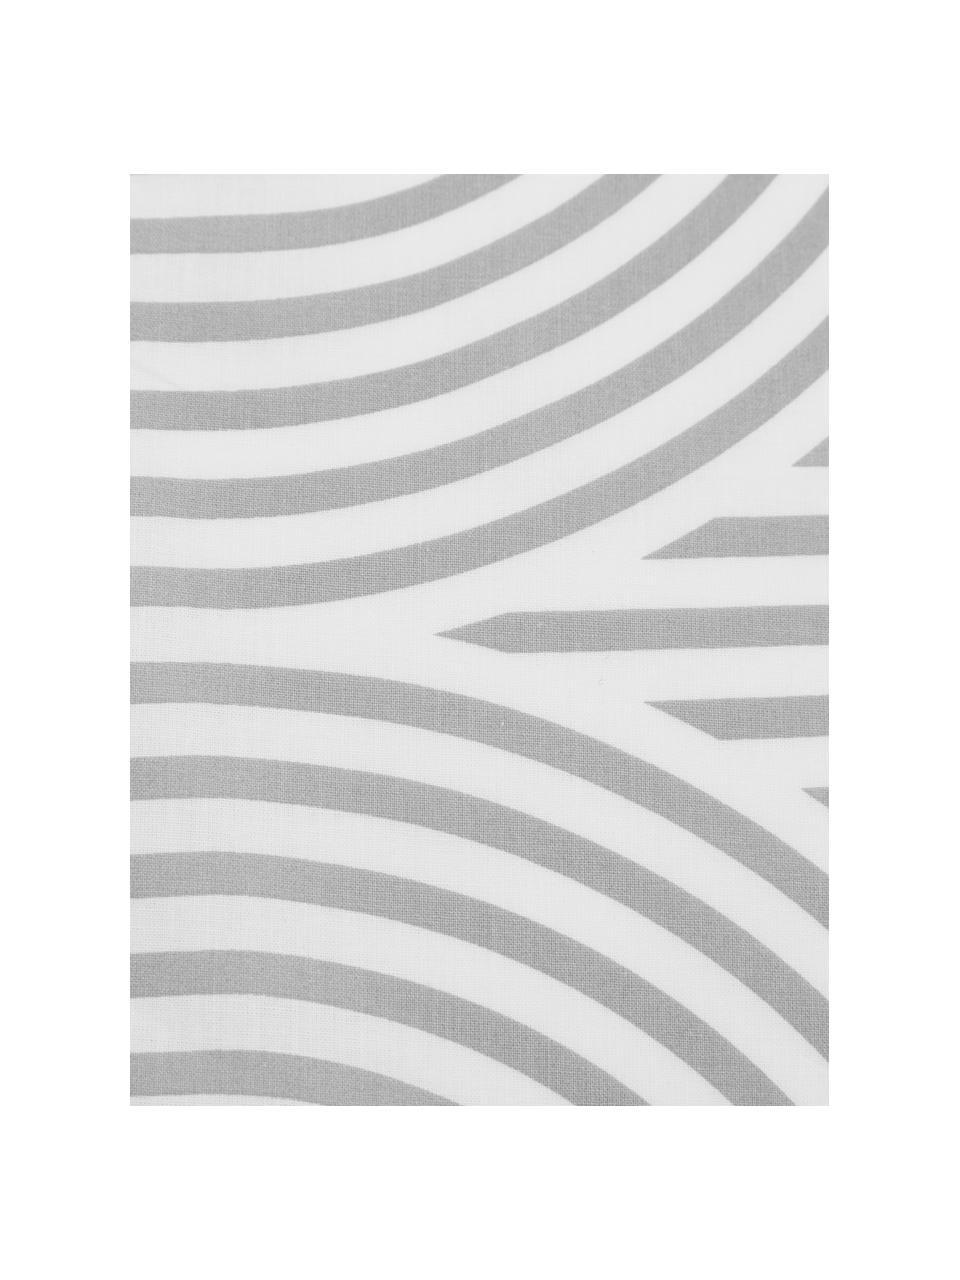 Pościel z bawełny Arcs, Szary, biały, 240 x 220 cm + 2 poduszka 80 x 80 cm